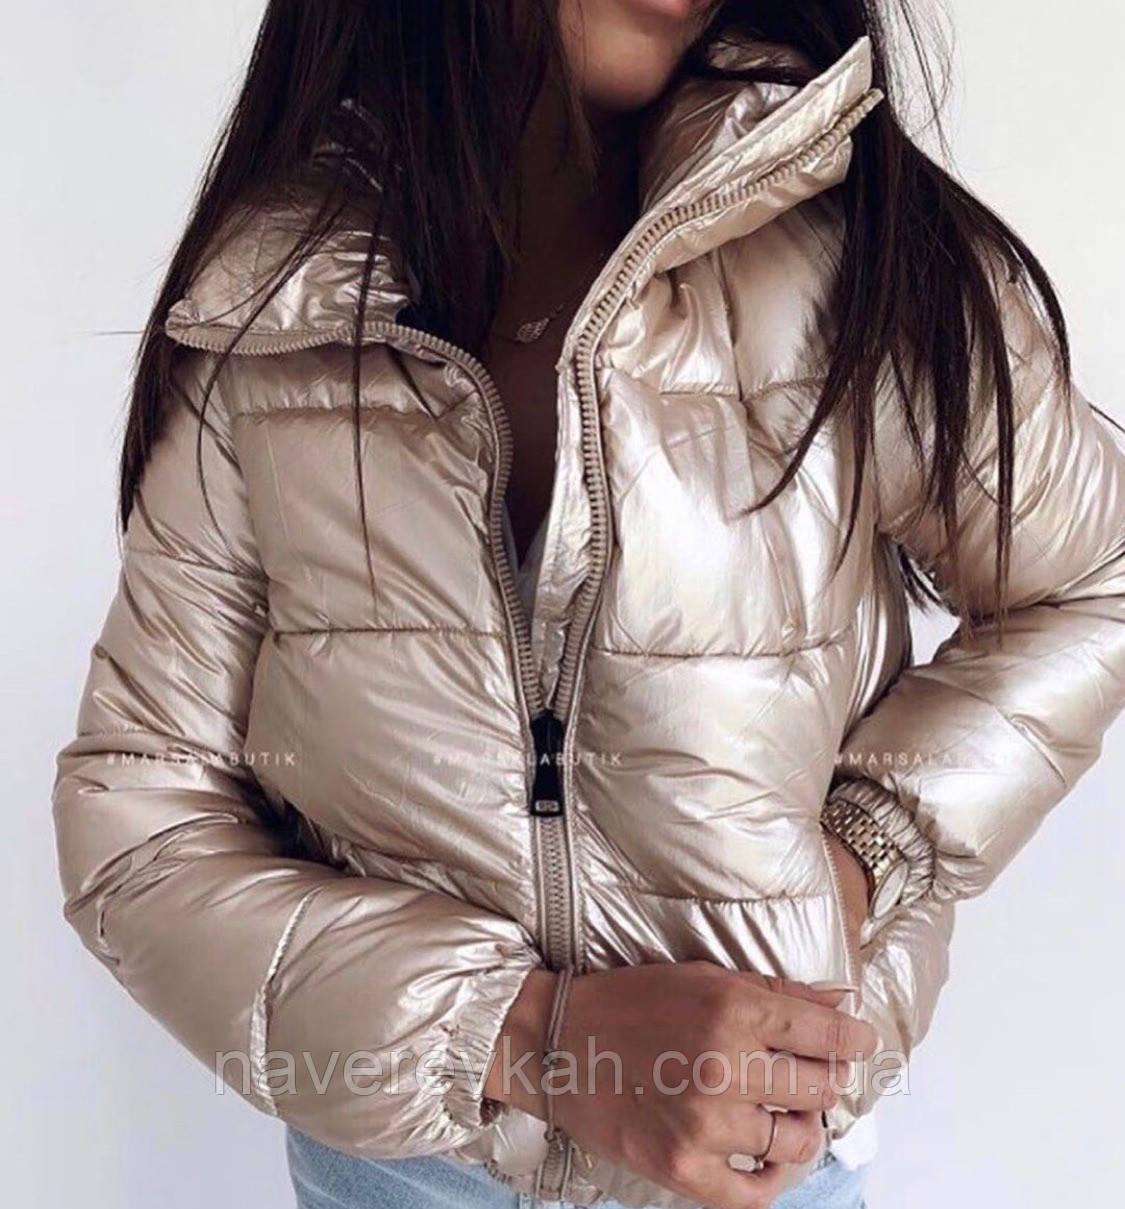 Женская осенняя куртка фольга плащевка на синтепоне бронза серебро 42-44 46-48